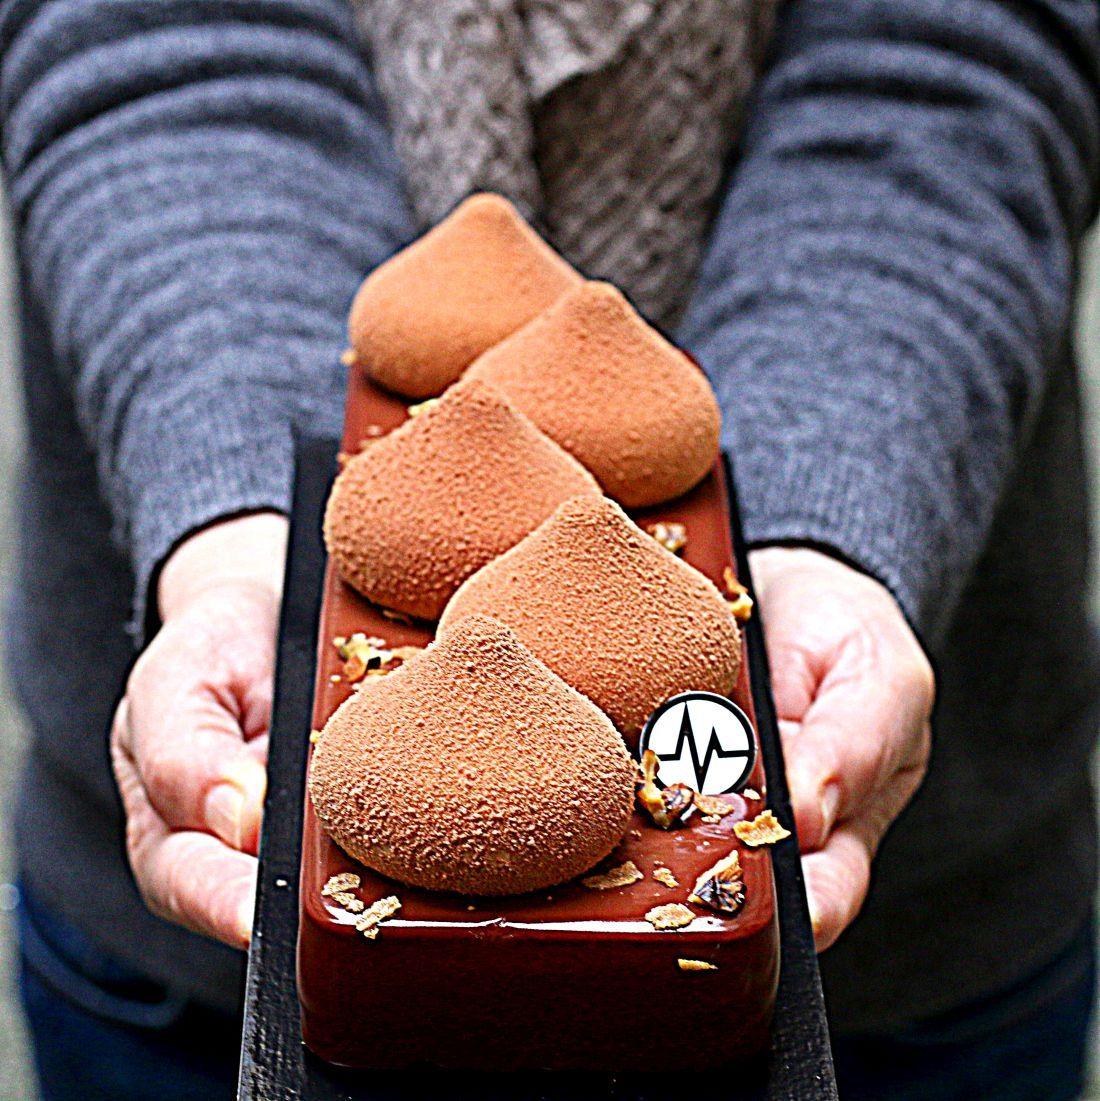 הקלאסיק שוקולד פקאן של מישלאק בגירסה משפחתית